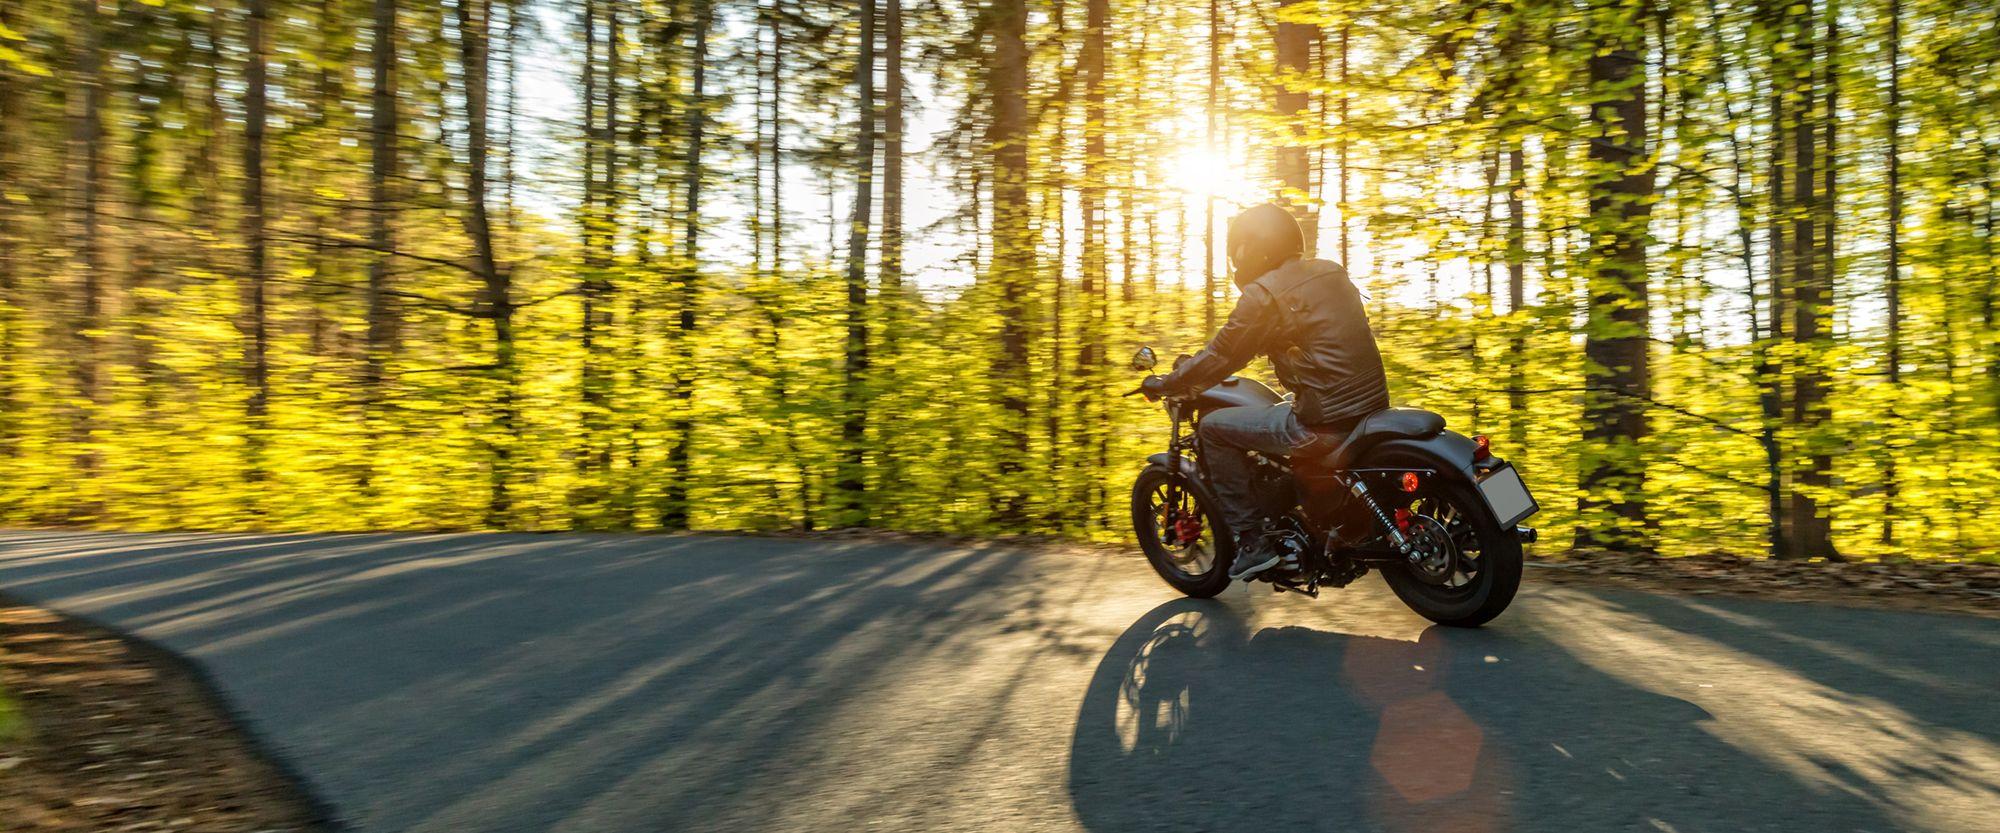 Motorrad-Wald.jpg